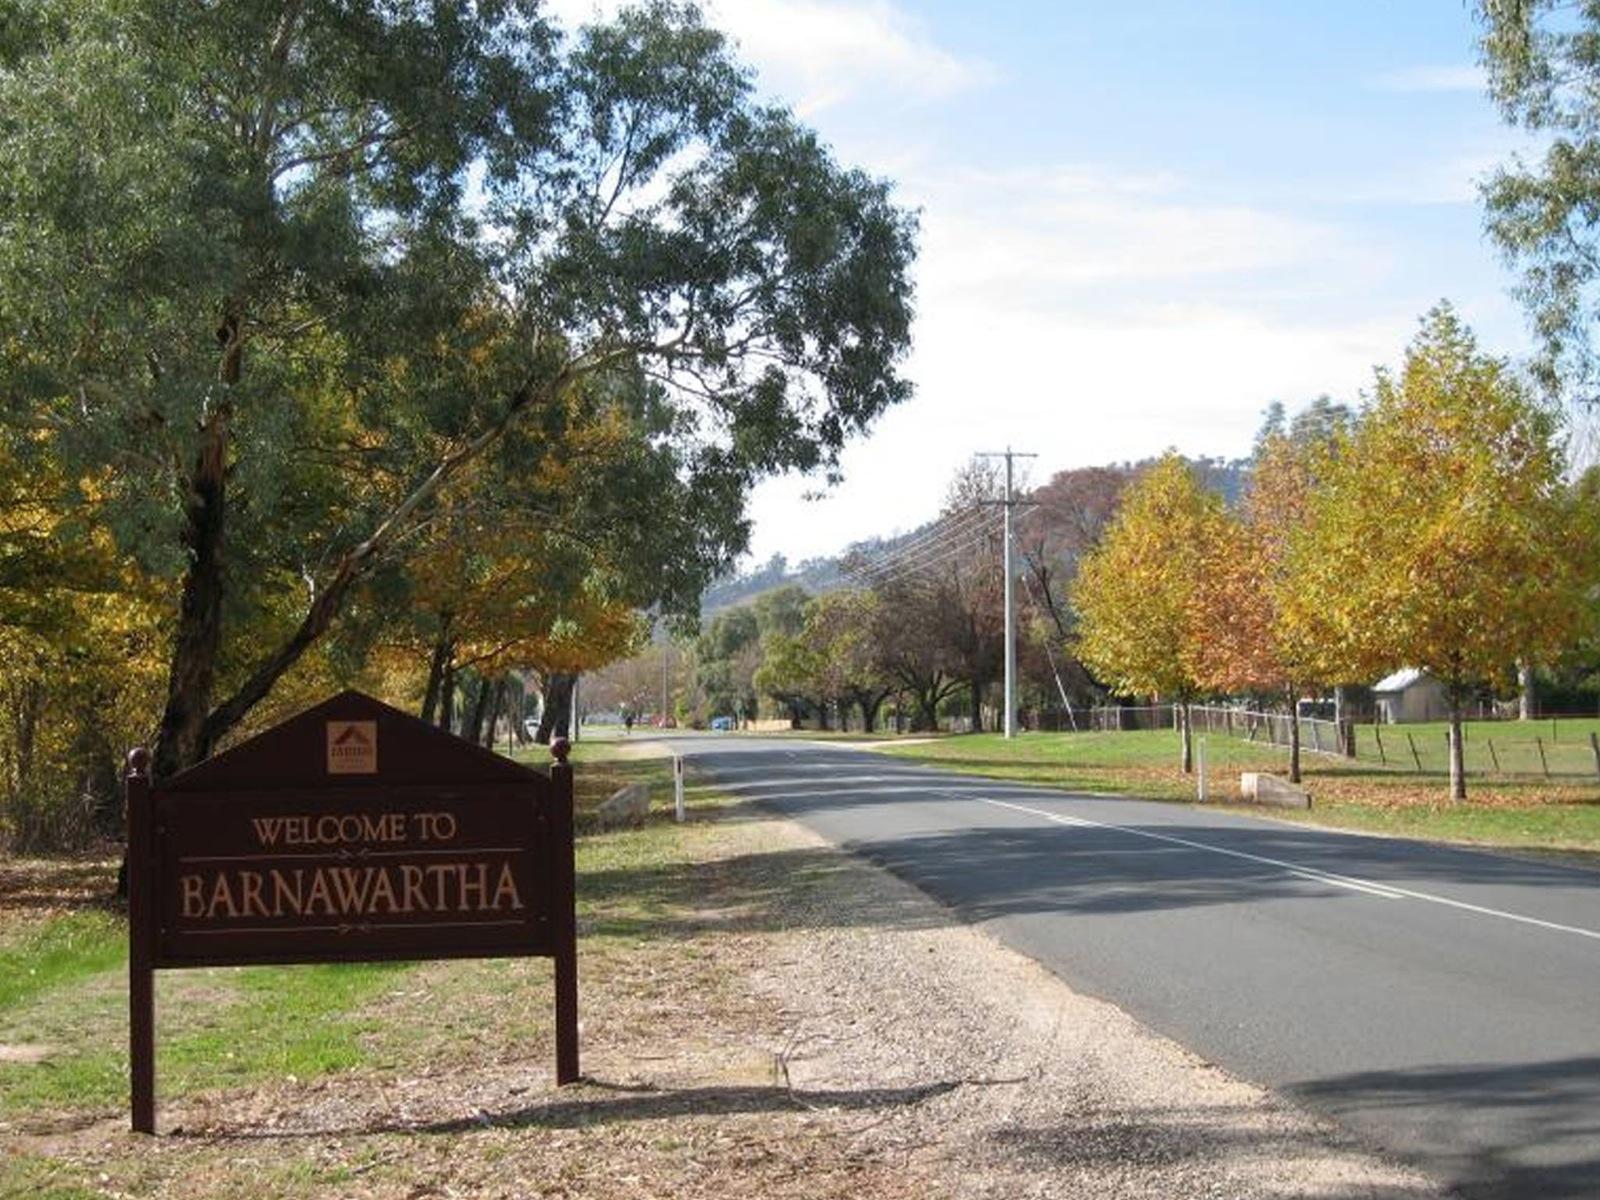 Barnawartha